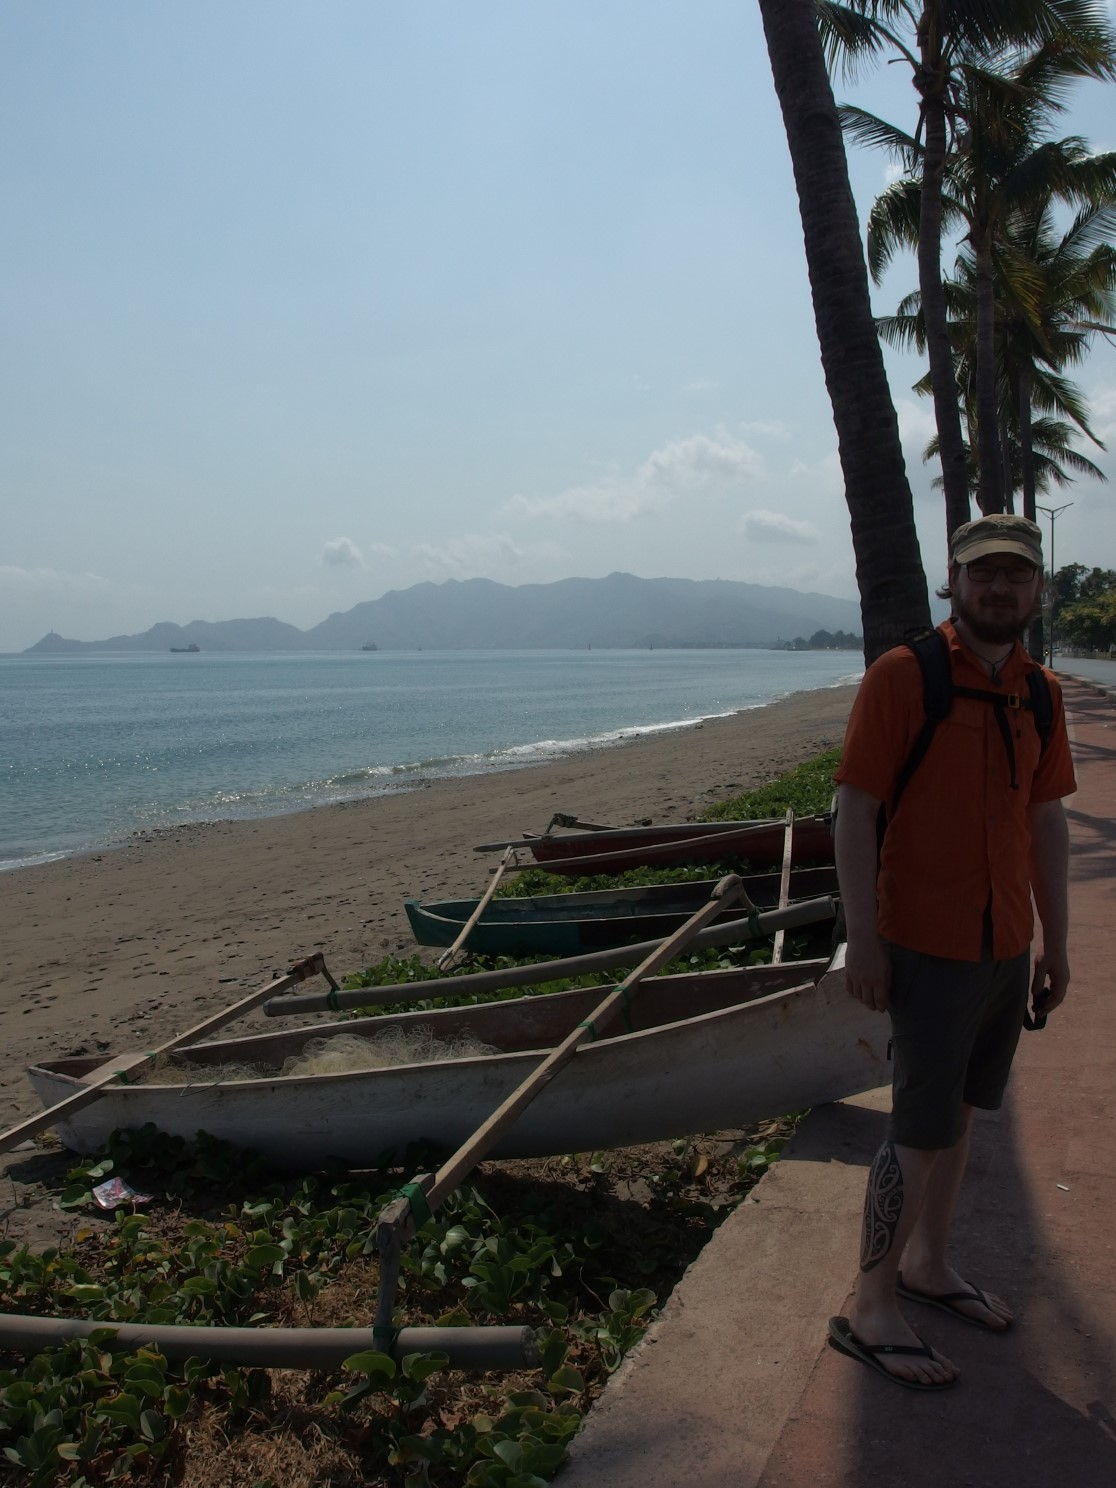 Tourist Refund Scheme Engagement Ring